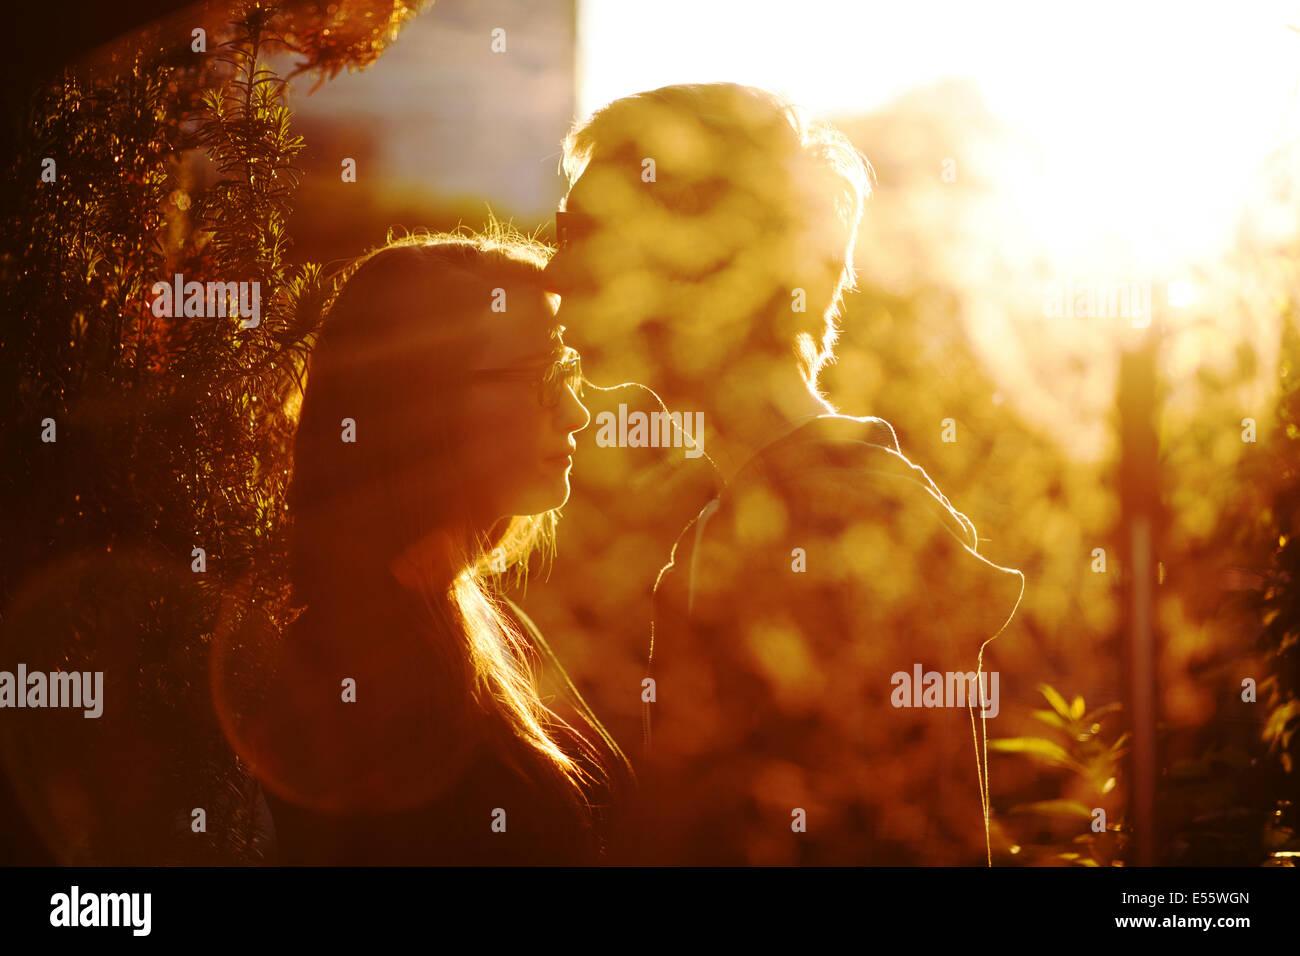 Jovem casal no amor beijar na retroiluminação Imagens de Stock